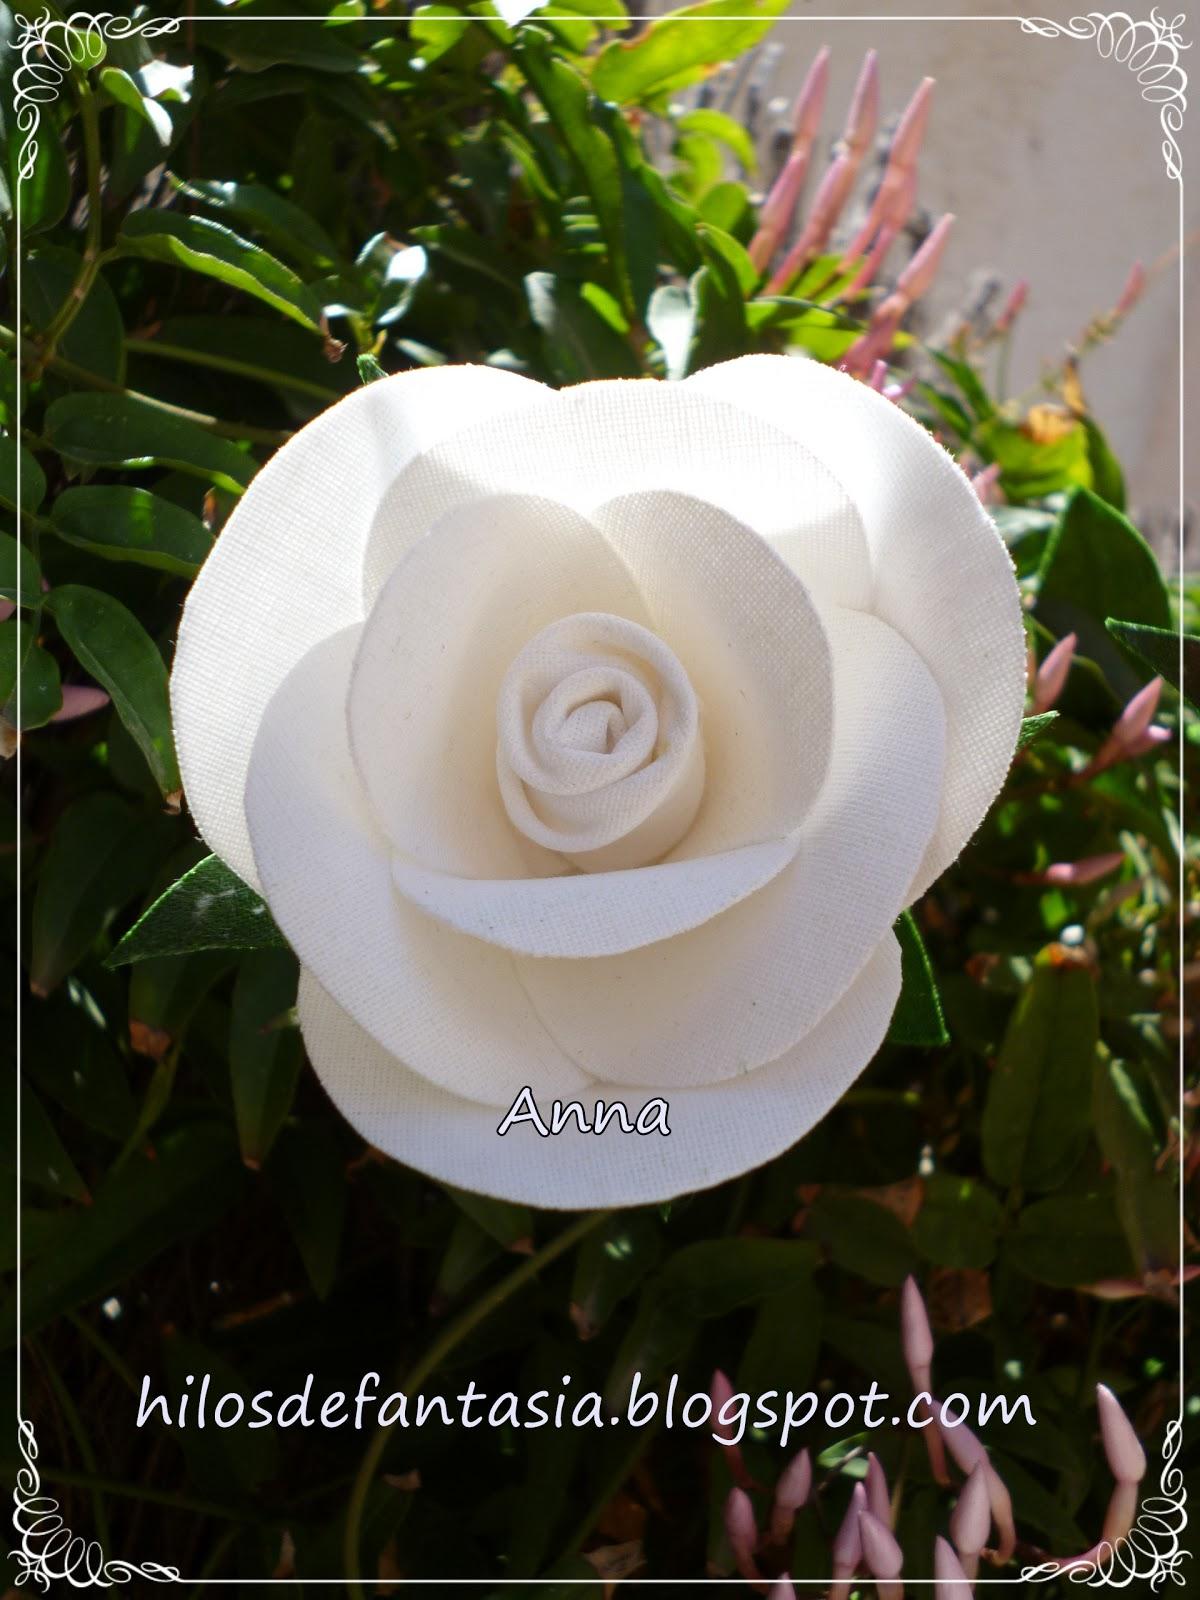 Imagenes De Rosas Blancas Grandes - ramos de rosas blancas grandes Mejores Imágenes